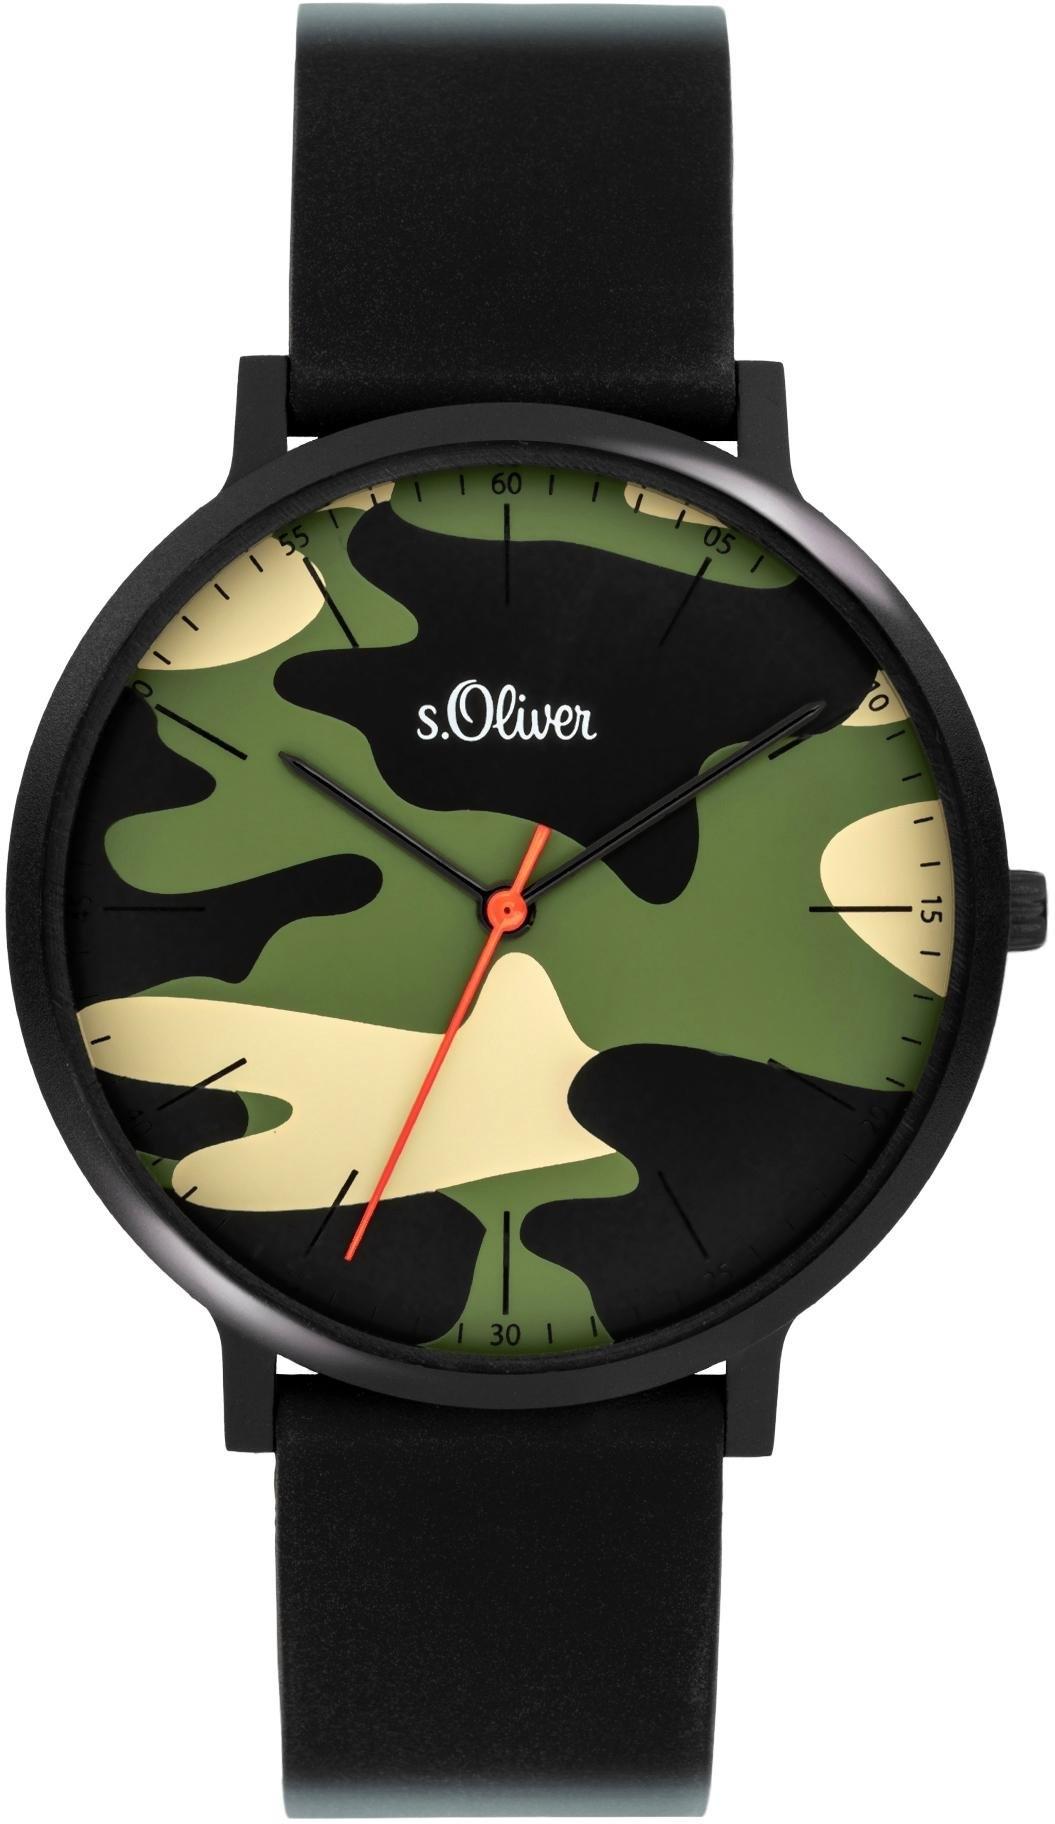 s.Oliver s.Oliver kwartshorloge »SO-4074-PQ« goedkoop op otto.nl kopen